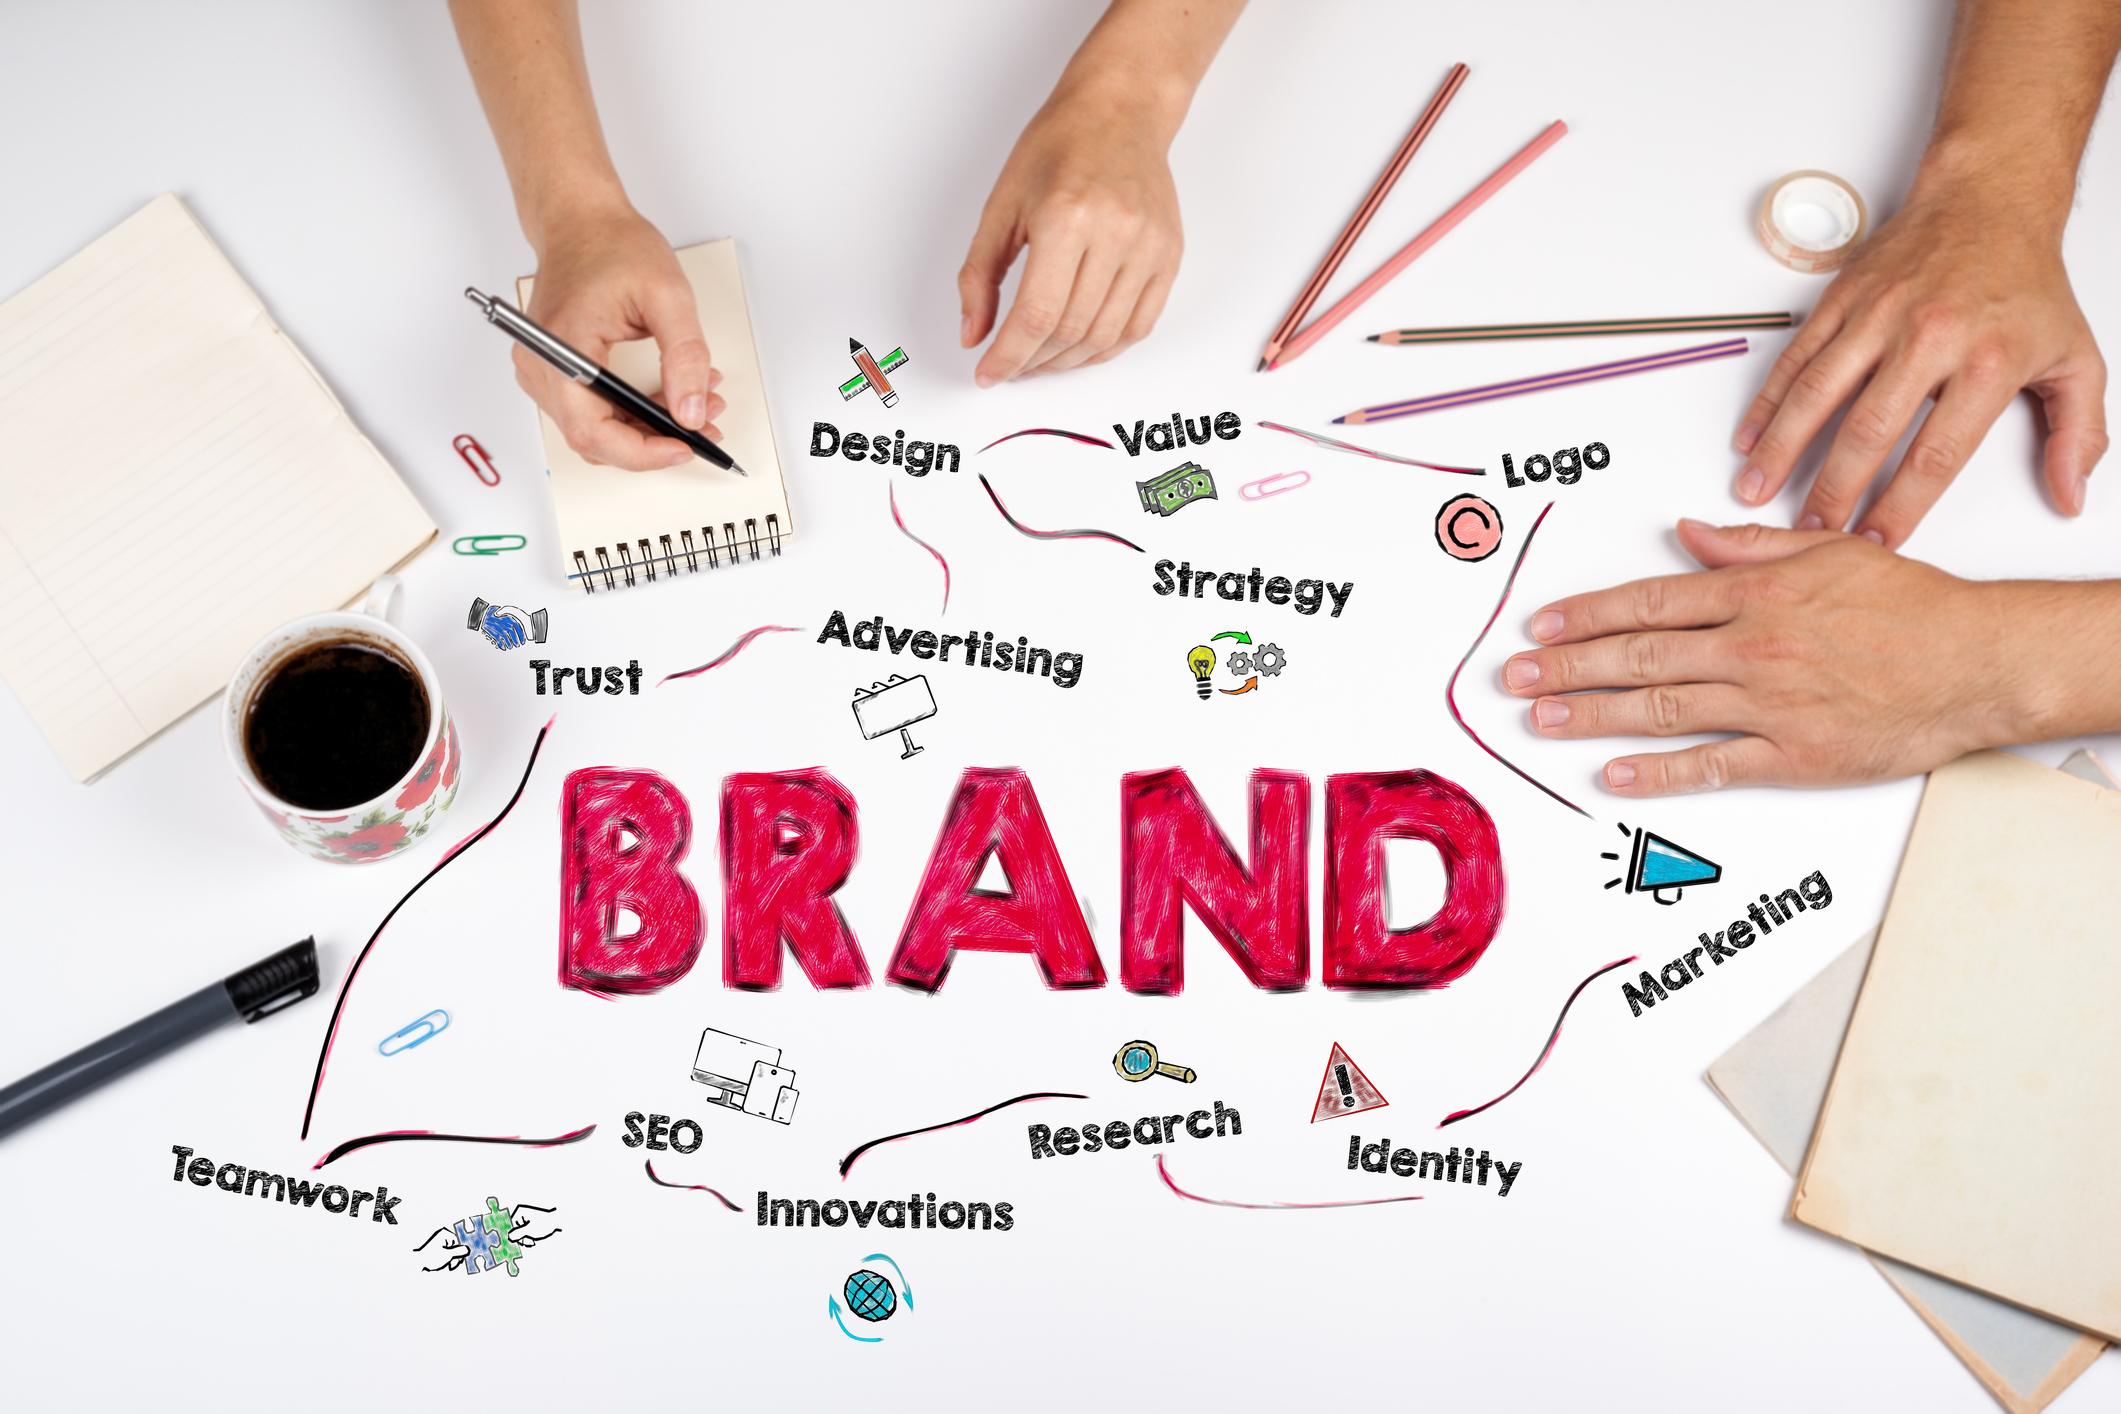 Perché è importate avere un brand forte per la tua piccola impresa